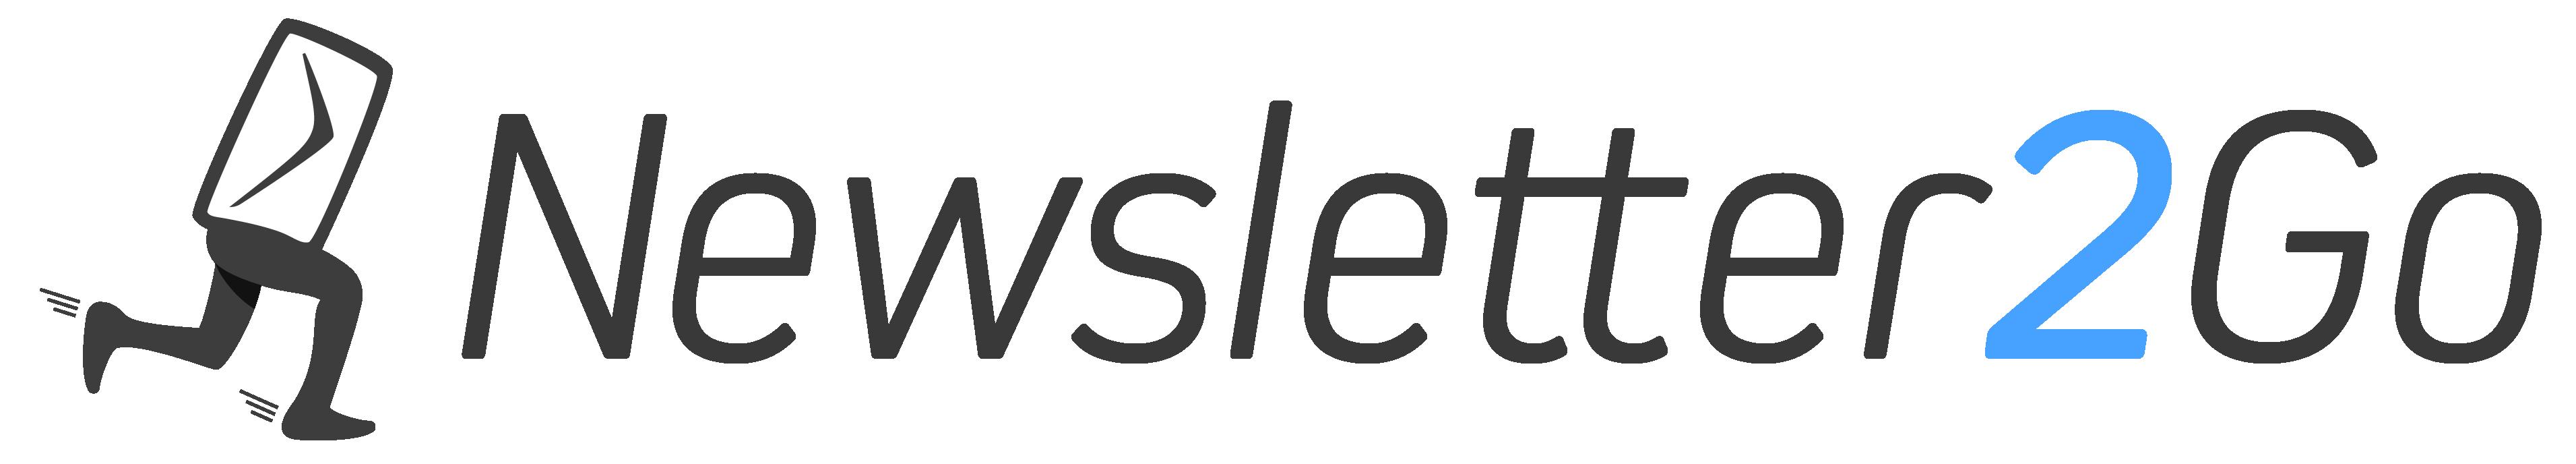 Logo Newsletter2go